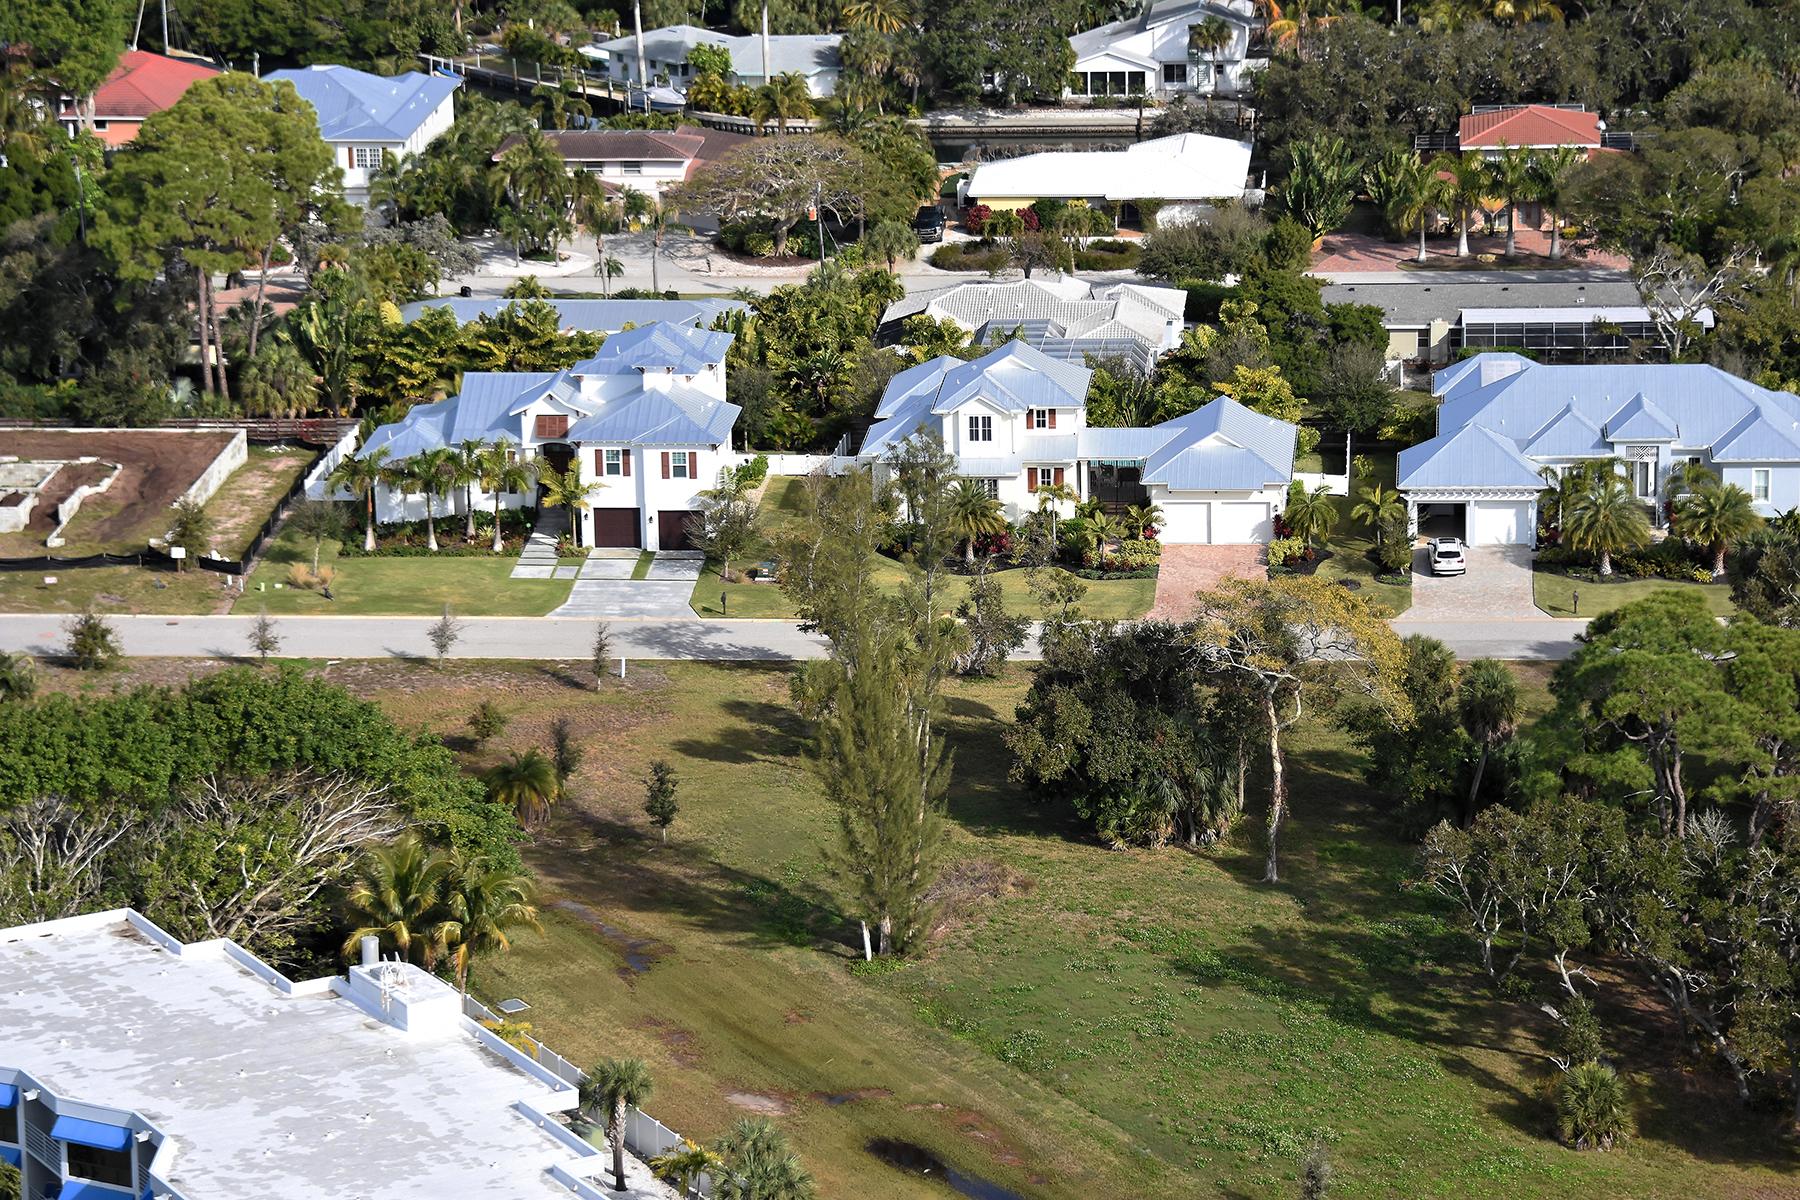 Land for Sale at LONGBOAT KEY 650 Triton 1 Longboat Key, Florida, 34228 United States